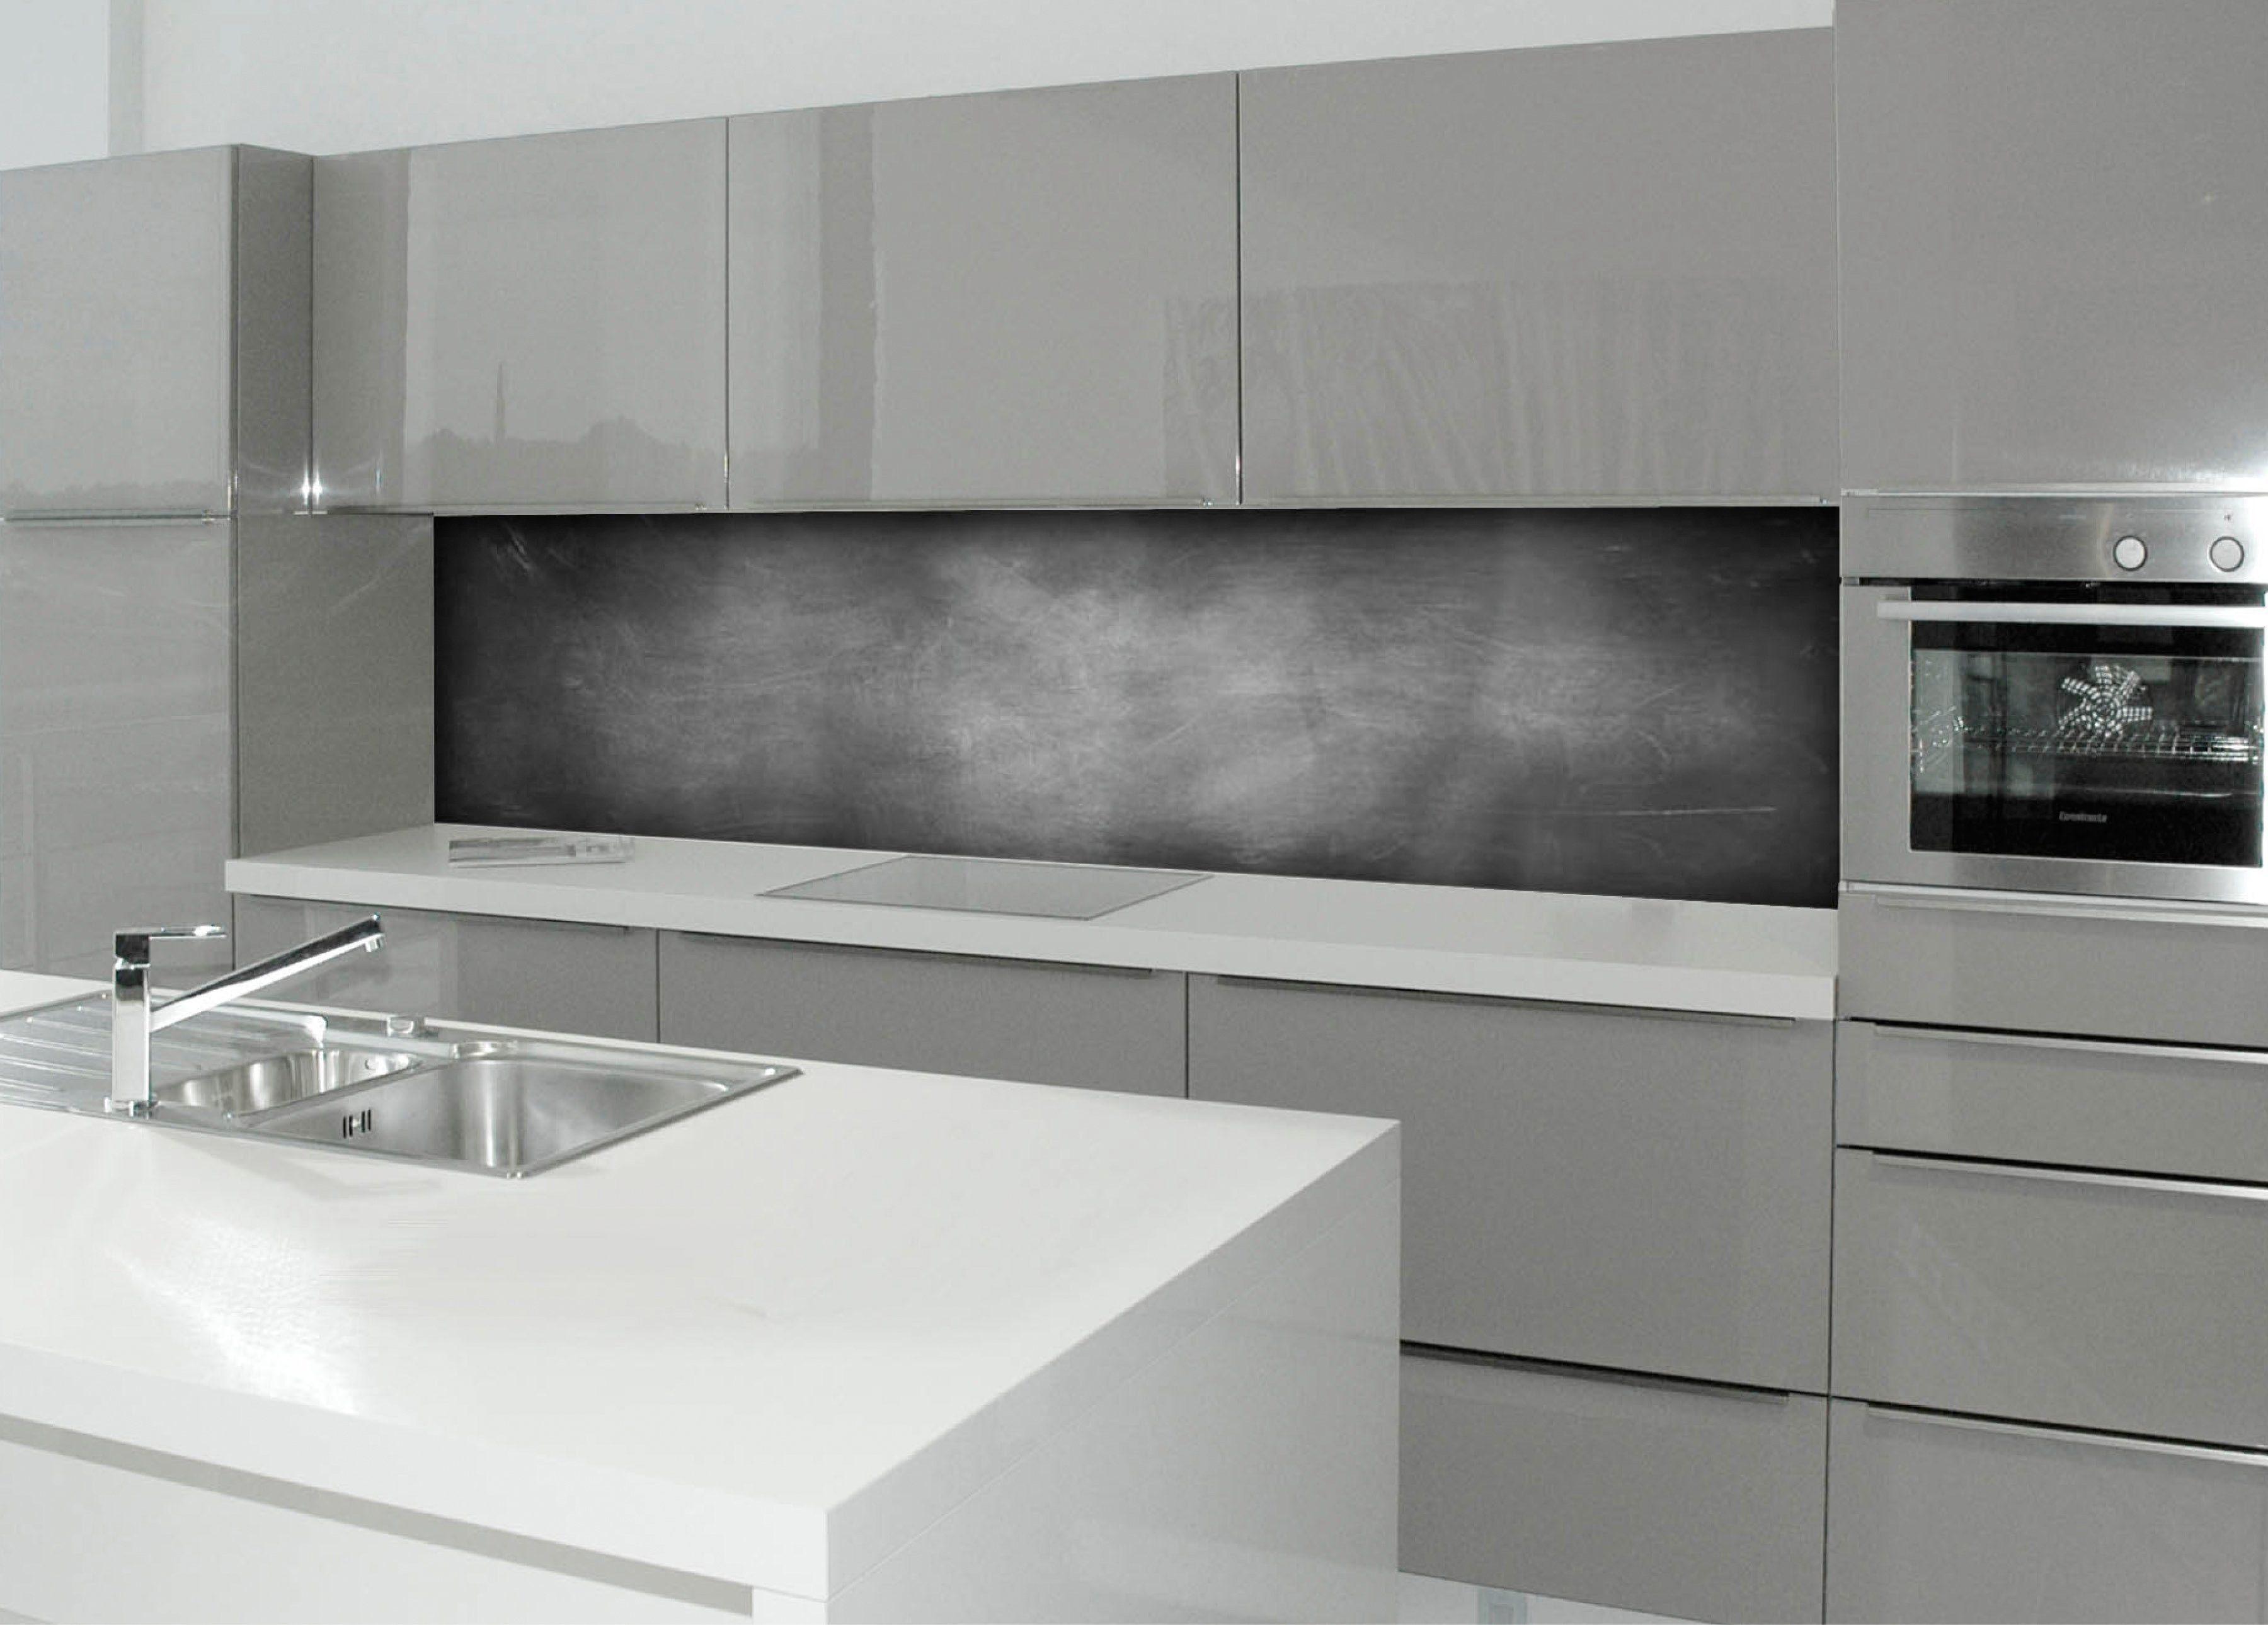 Küchenrückwand - Spritzschutz »profix«, Tafel, 220x60 cm